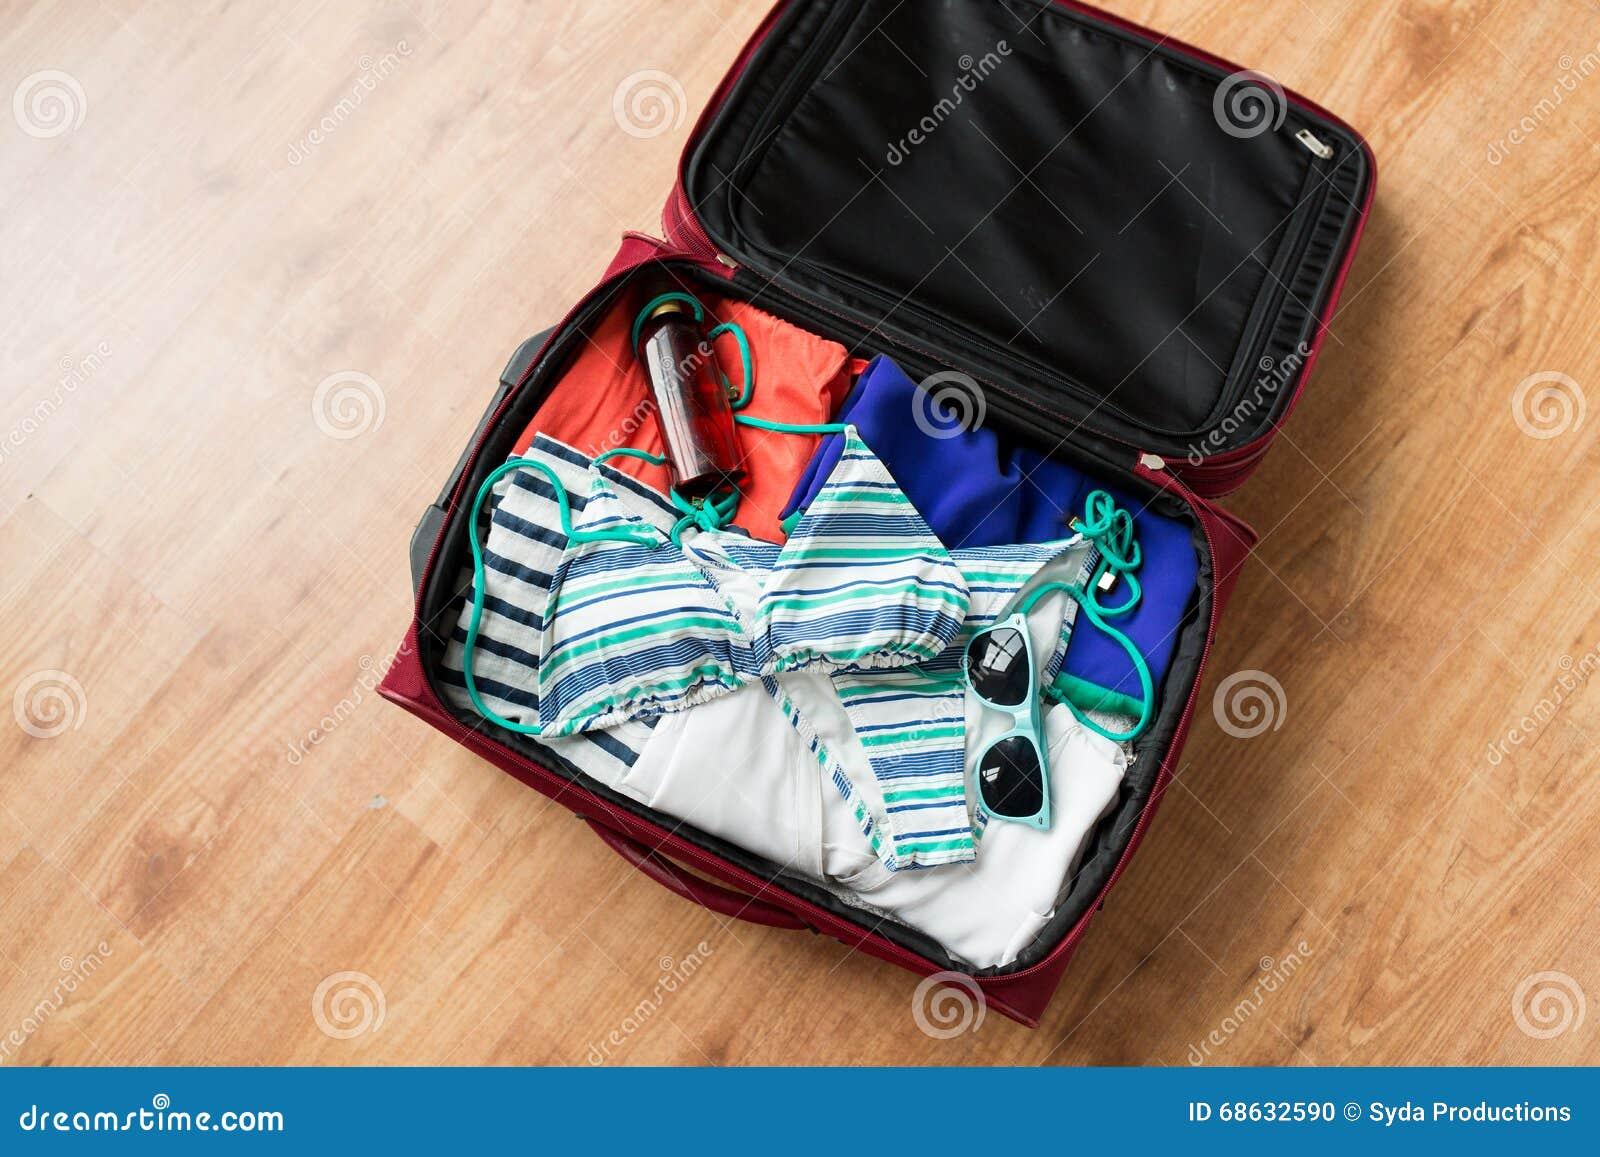 schlie en sie oben von der reisetasche mit strandkleidung stockfoto bild 68632590. Black Bedroom Furniture Sets. Home Design Ideas